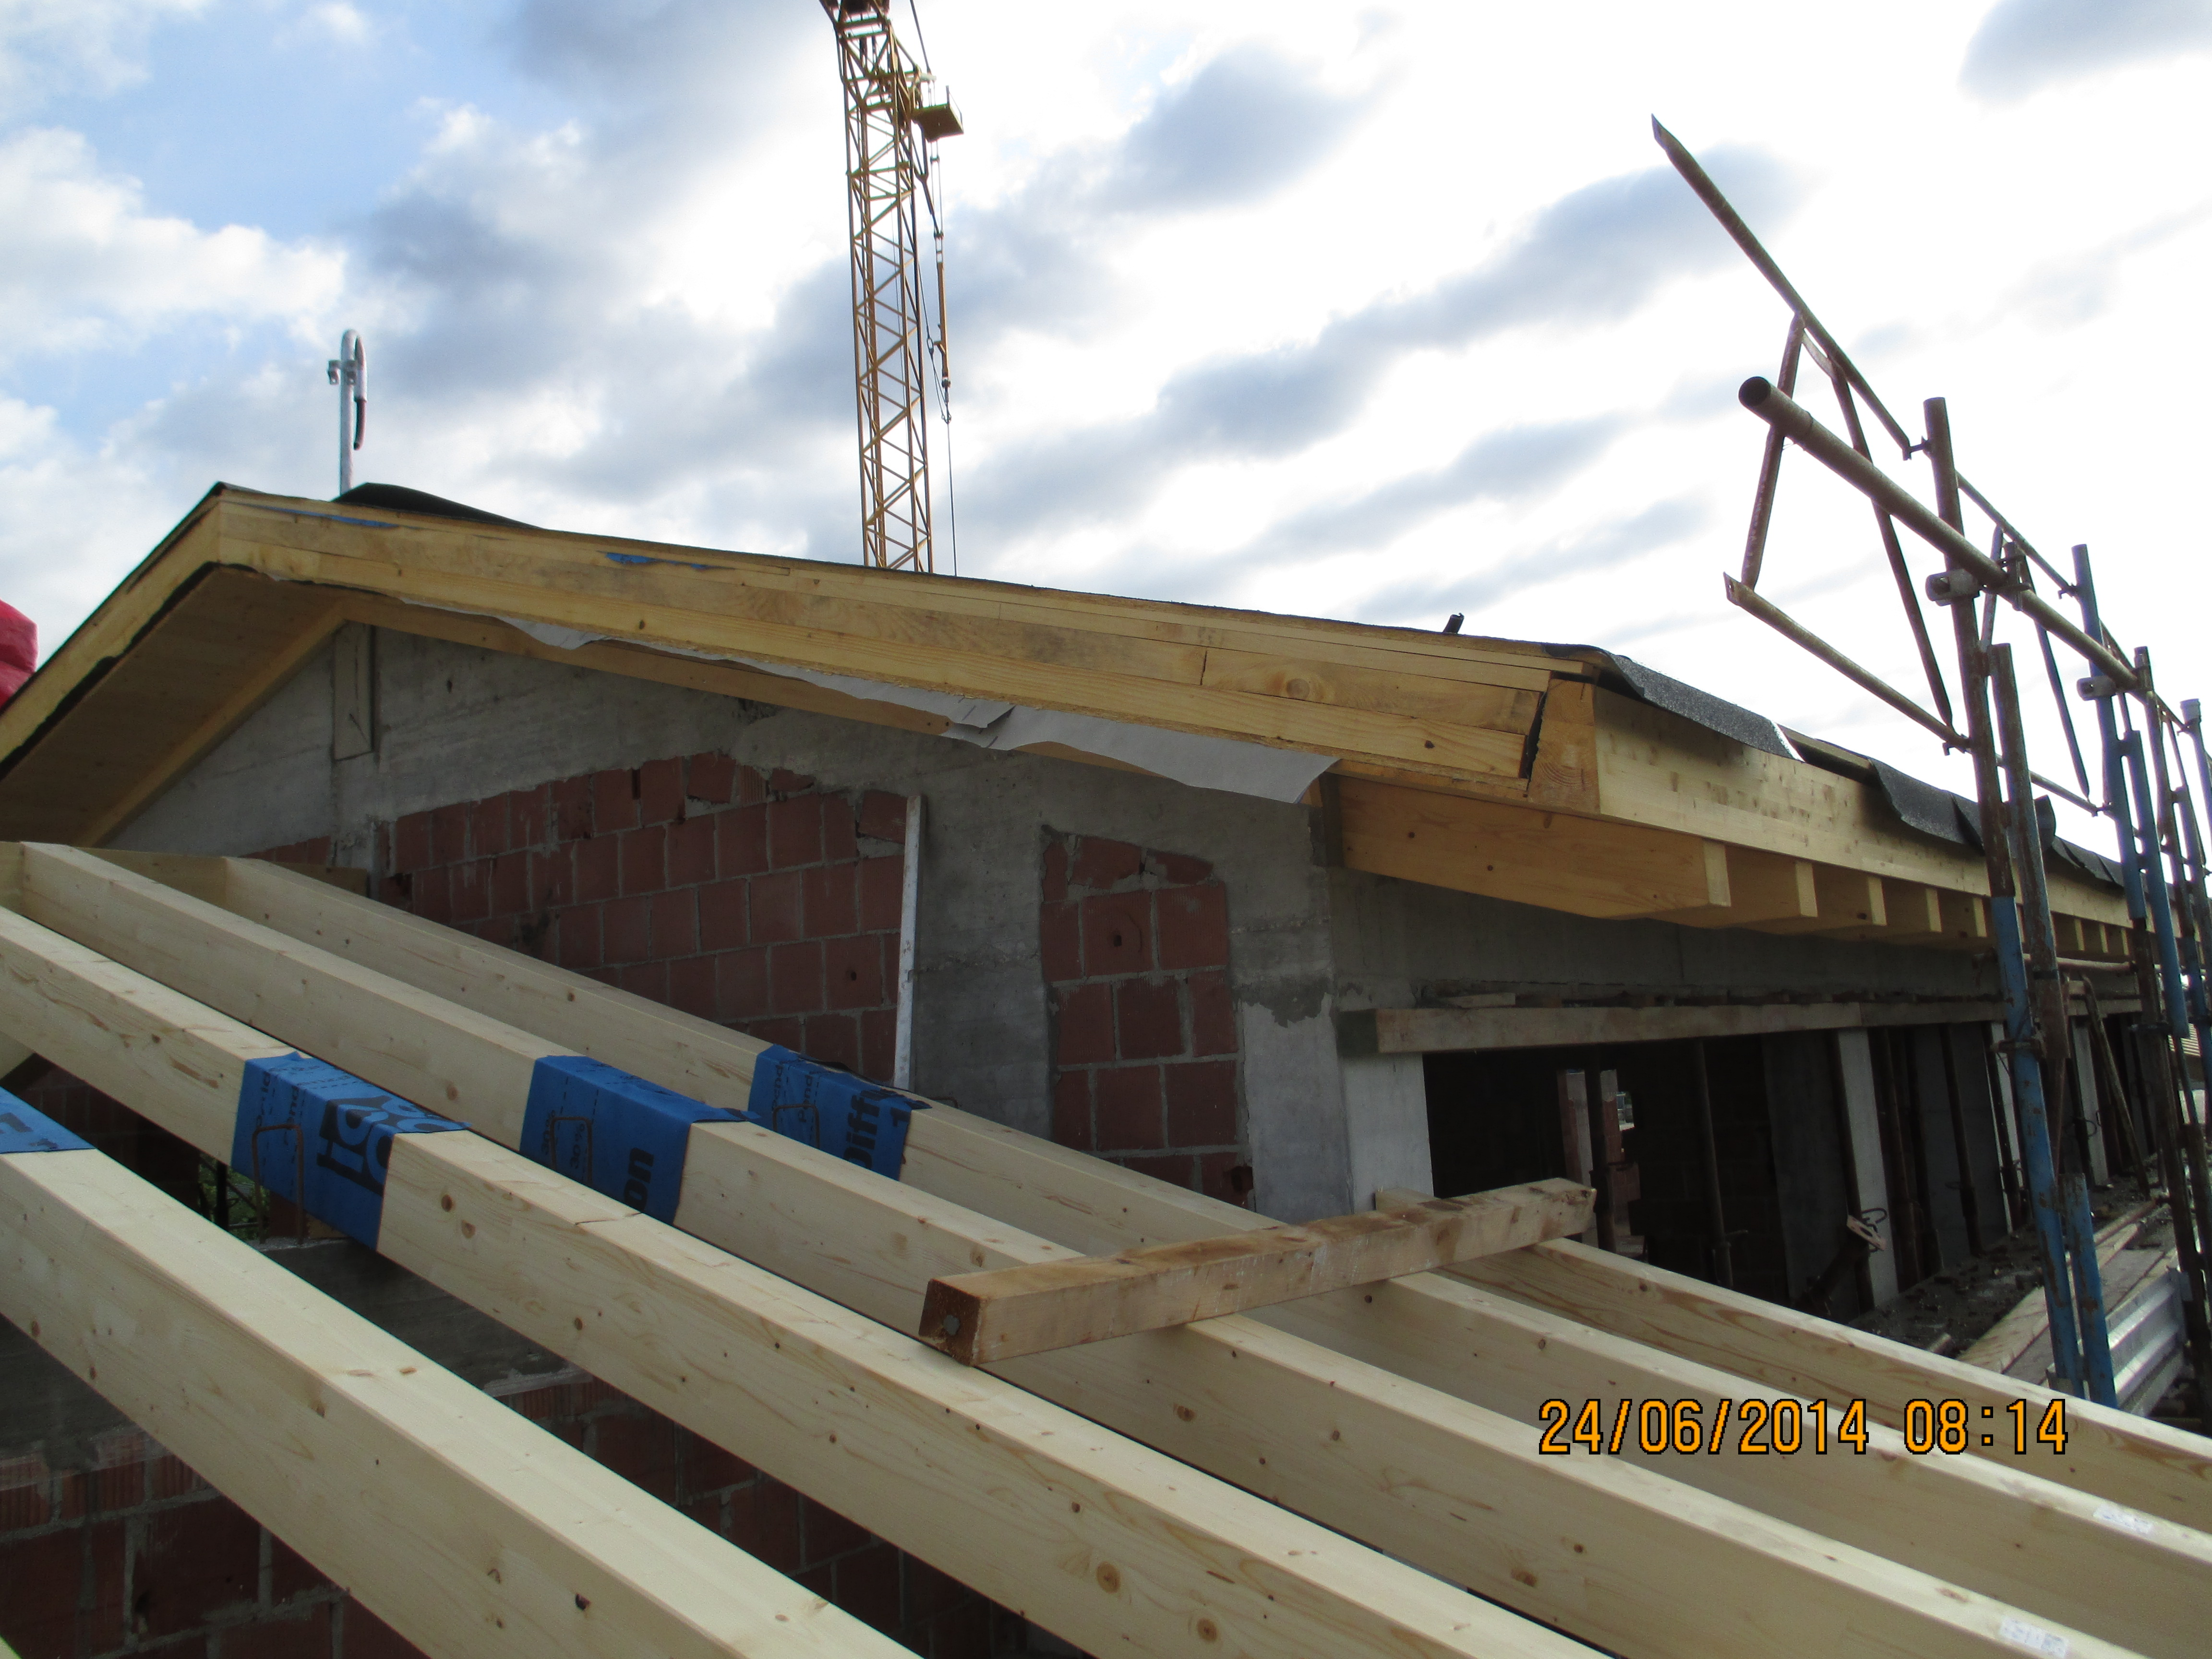 Nuove costruzioni edili civili Zanella Snc - Montebelluna TV